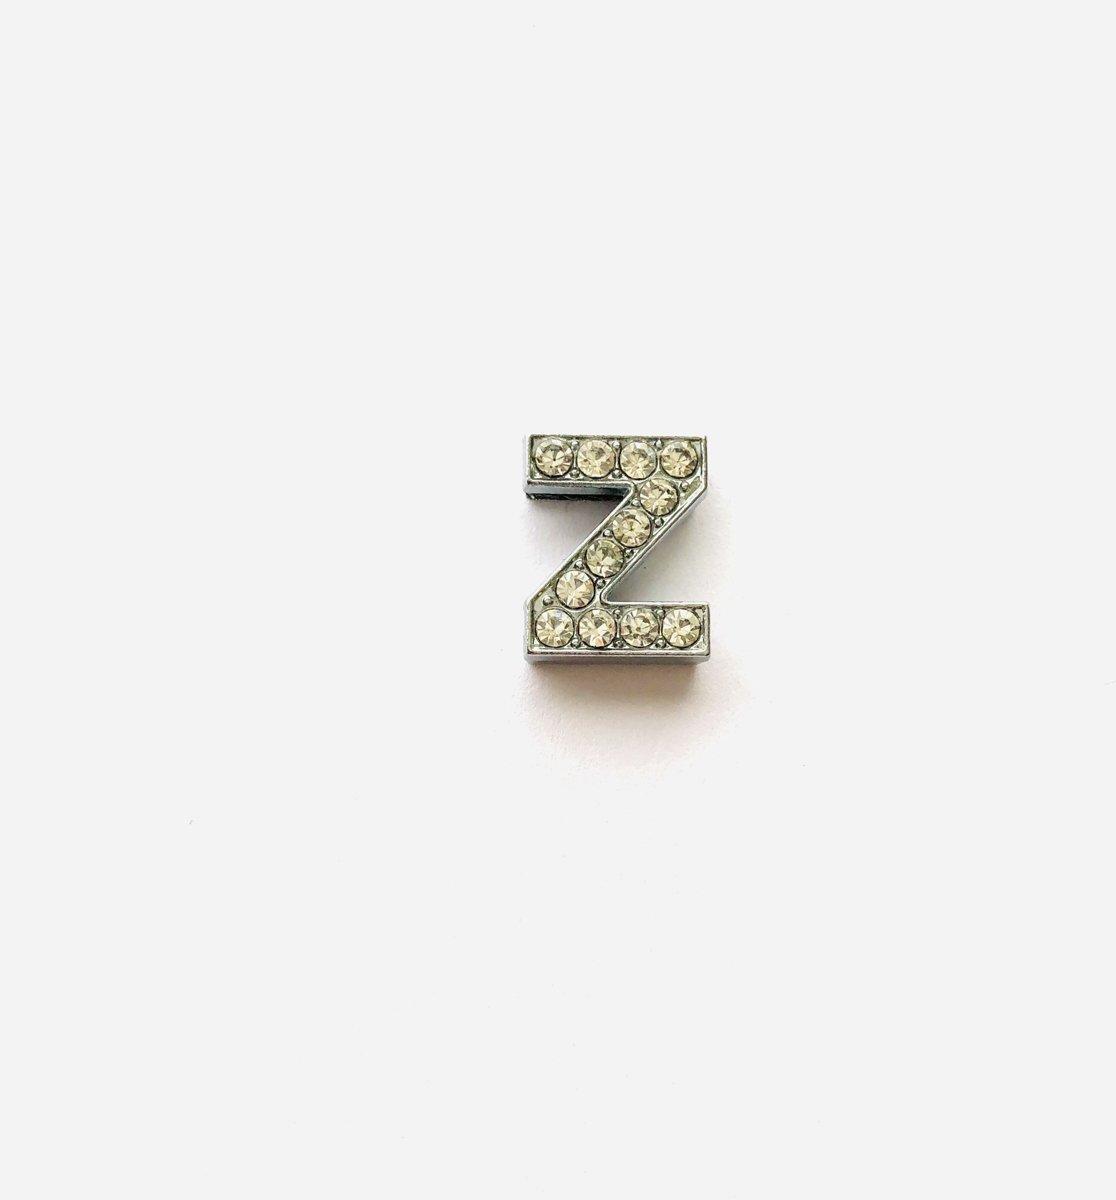 Metalen letter met zirkonia steentjes - Letter Z - Personaliseer zelf kopen